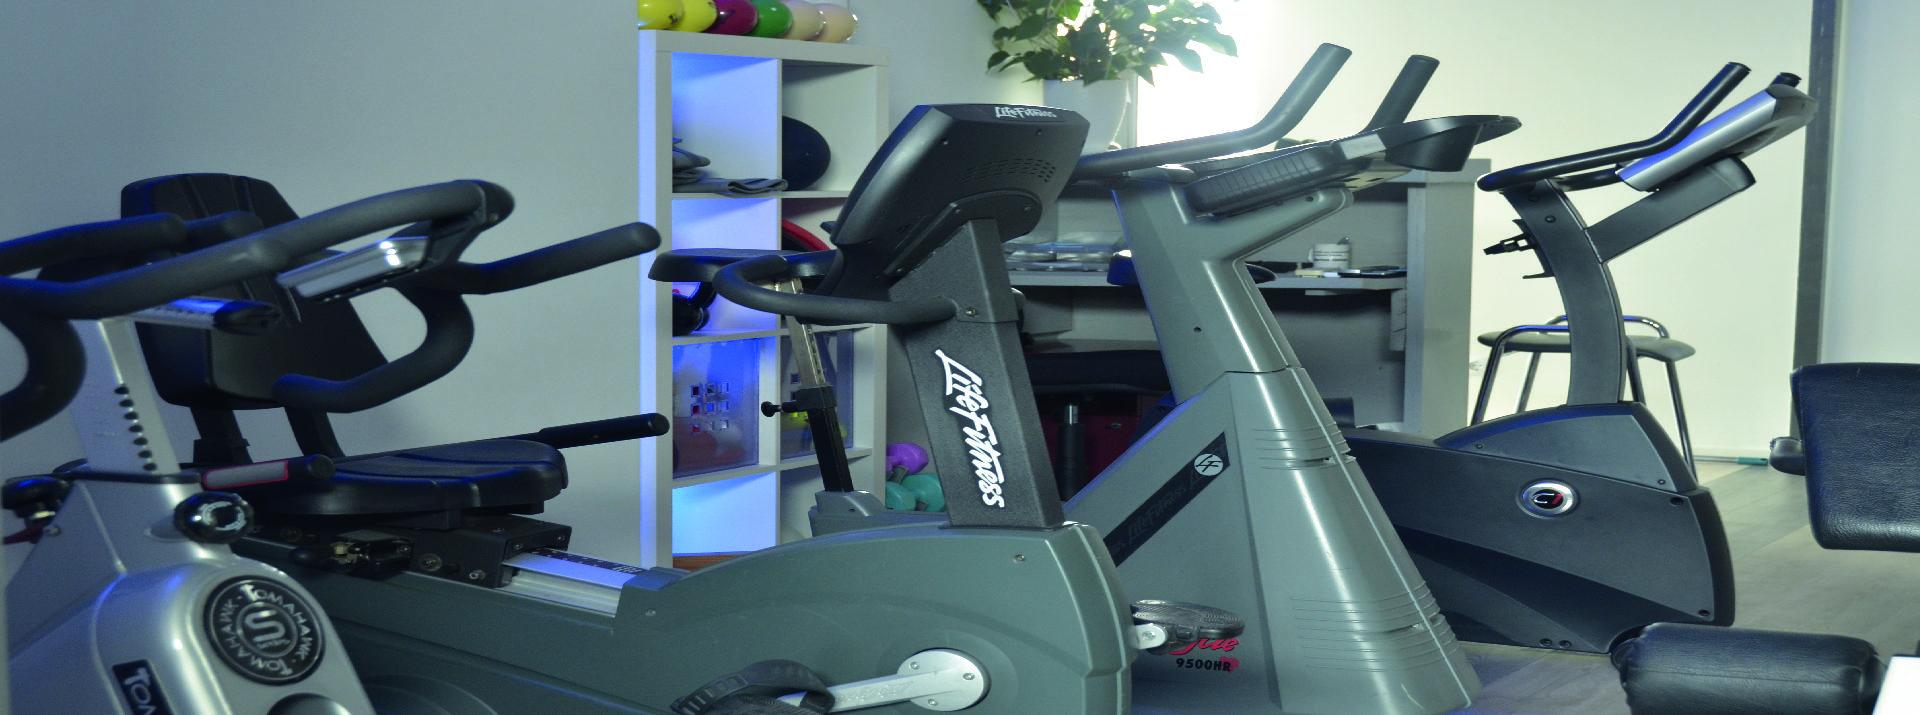 Gezondheid en bewegen, beter worden